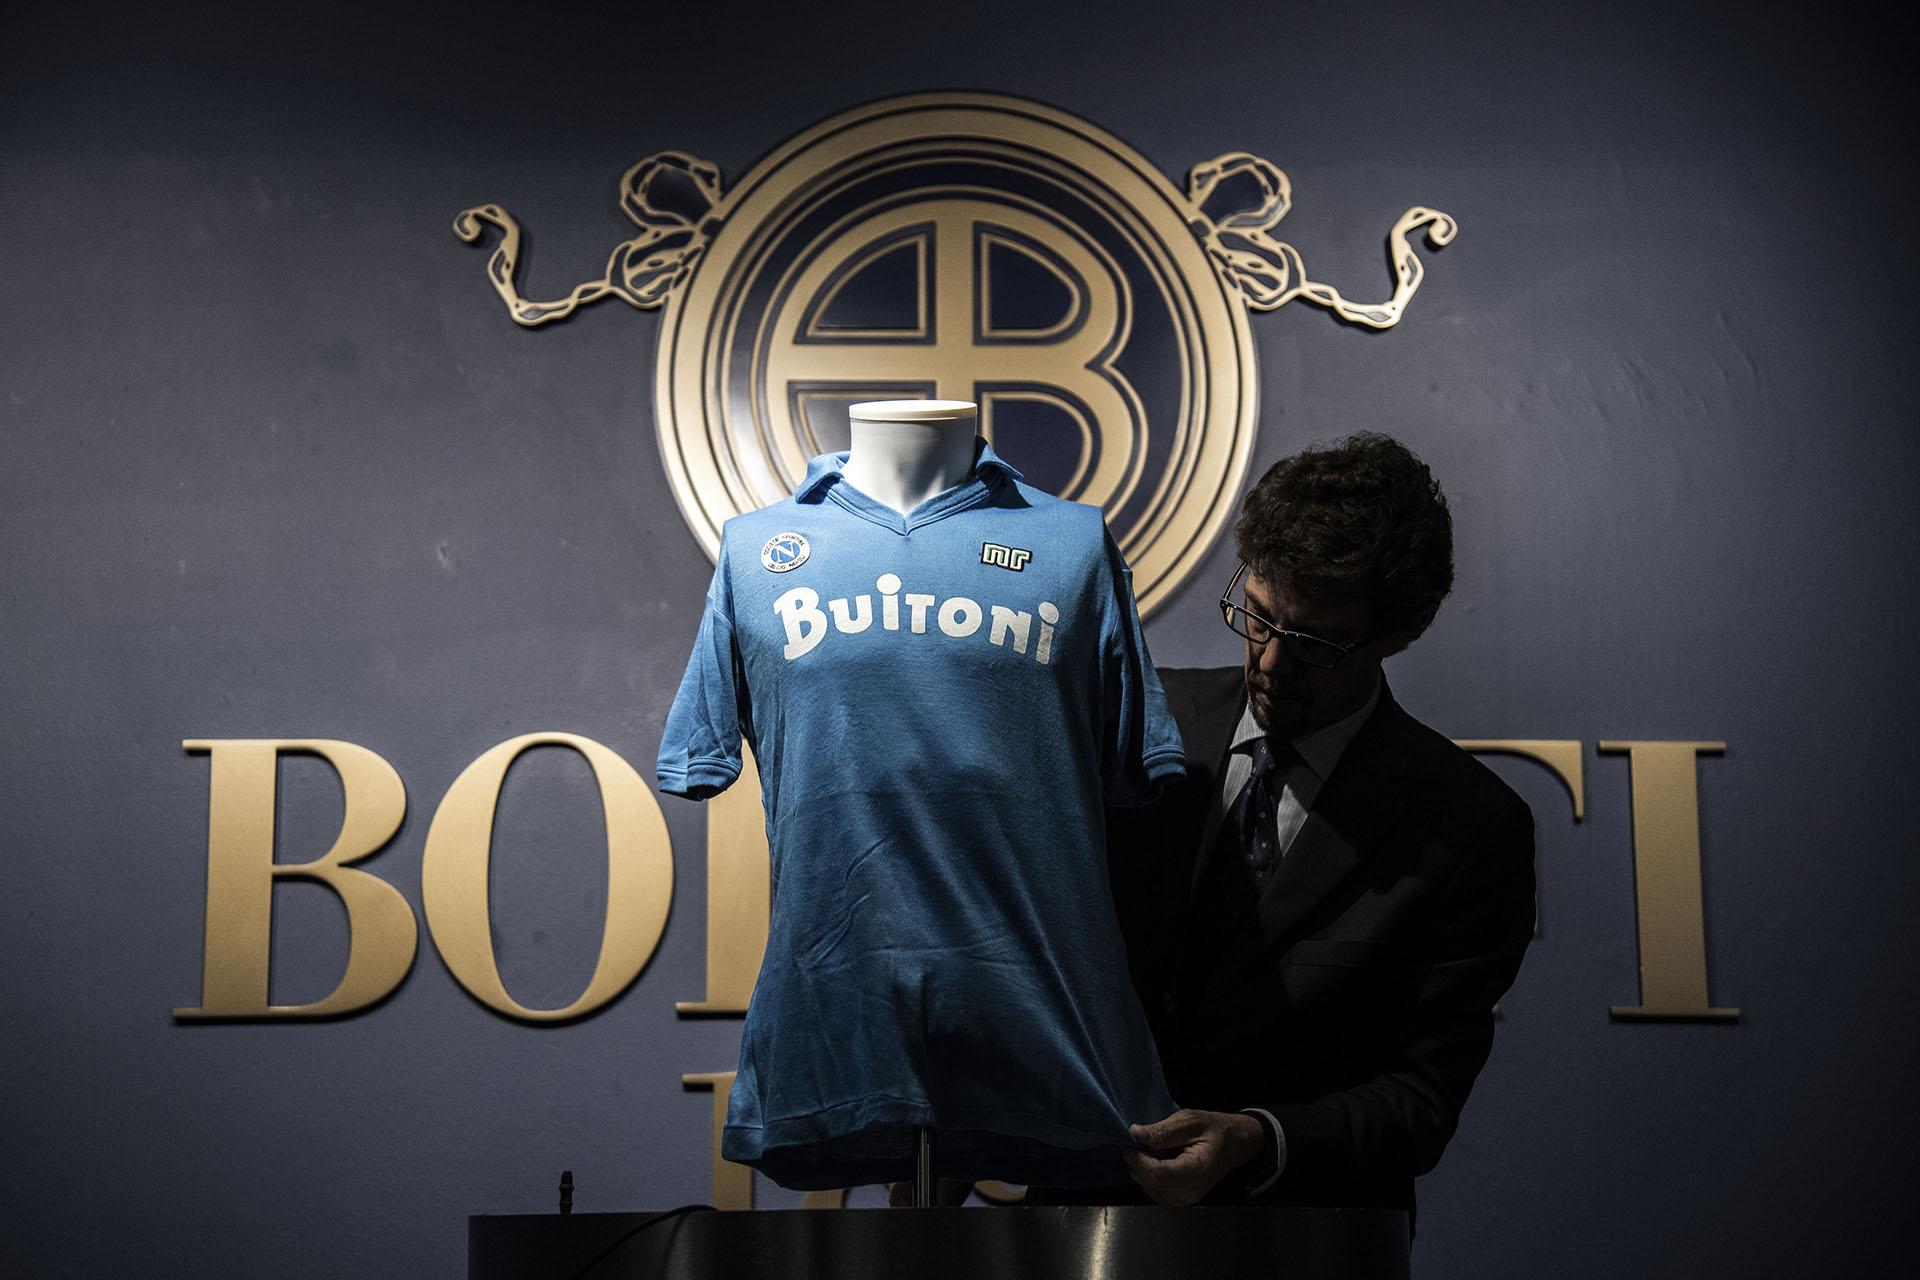 El intenso celeste de la insignia napolitana con la que Maradona dio la vuelta y conquistó Italia (Photo by MARCO BERTORELLO / AFP)